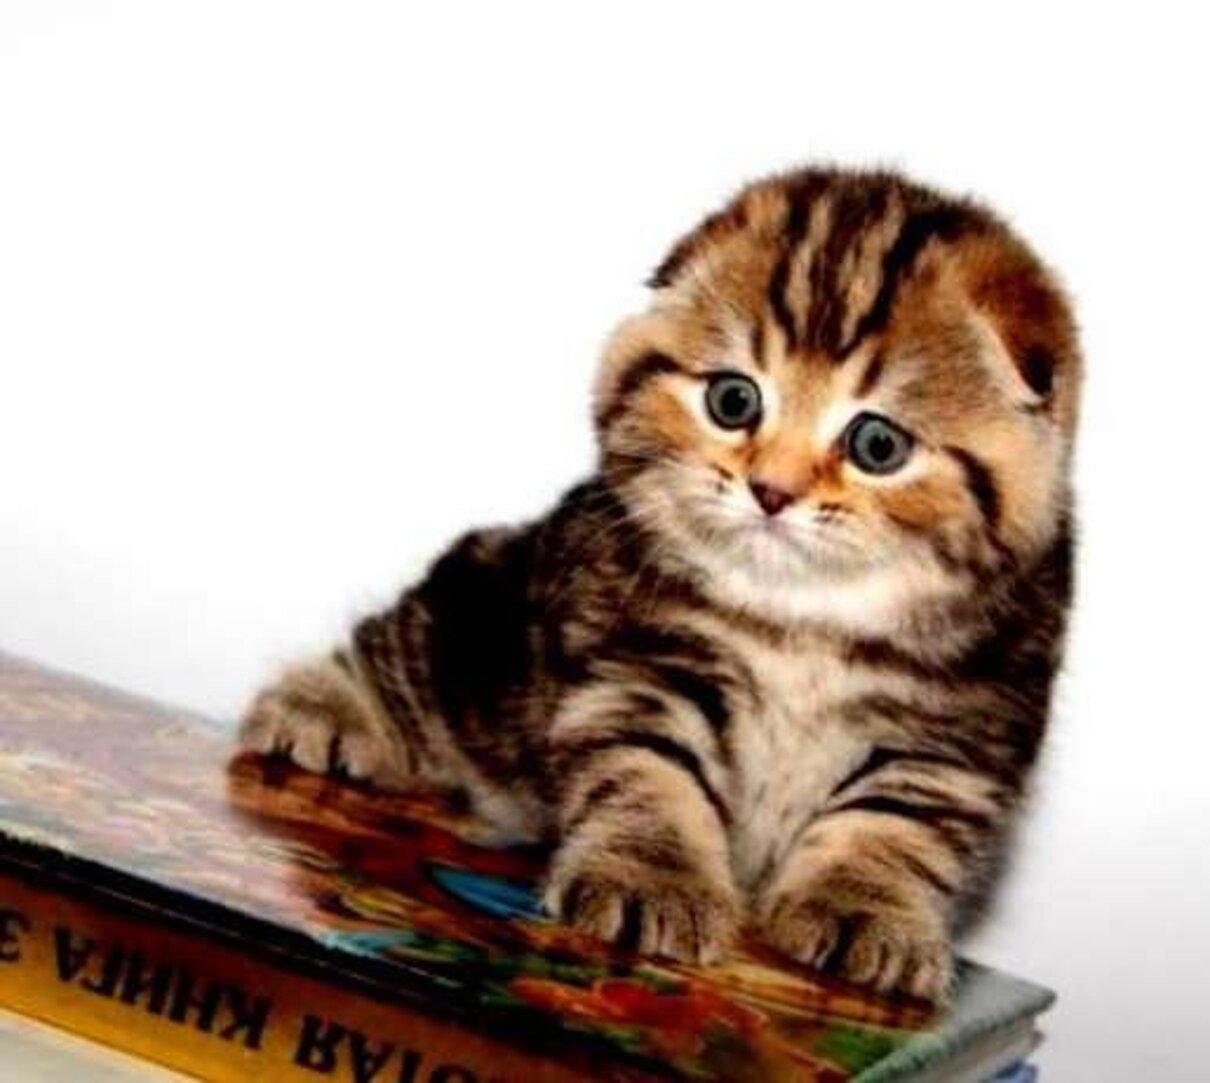 Жалоба-отзыв: Олх мошенница анжела киев 0992957155 - Анжела из киева продает несуществующих котят